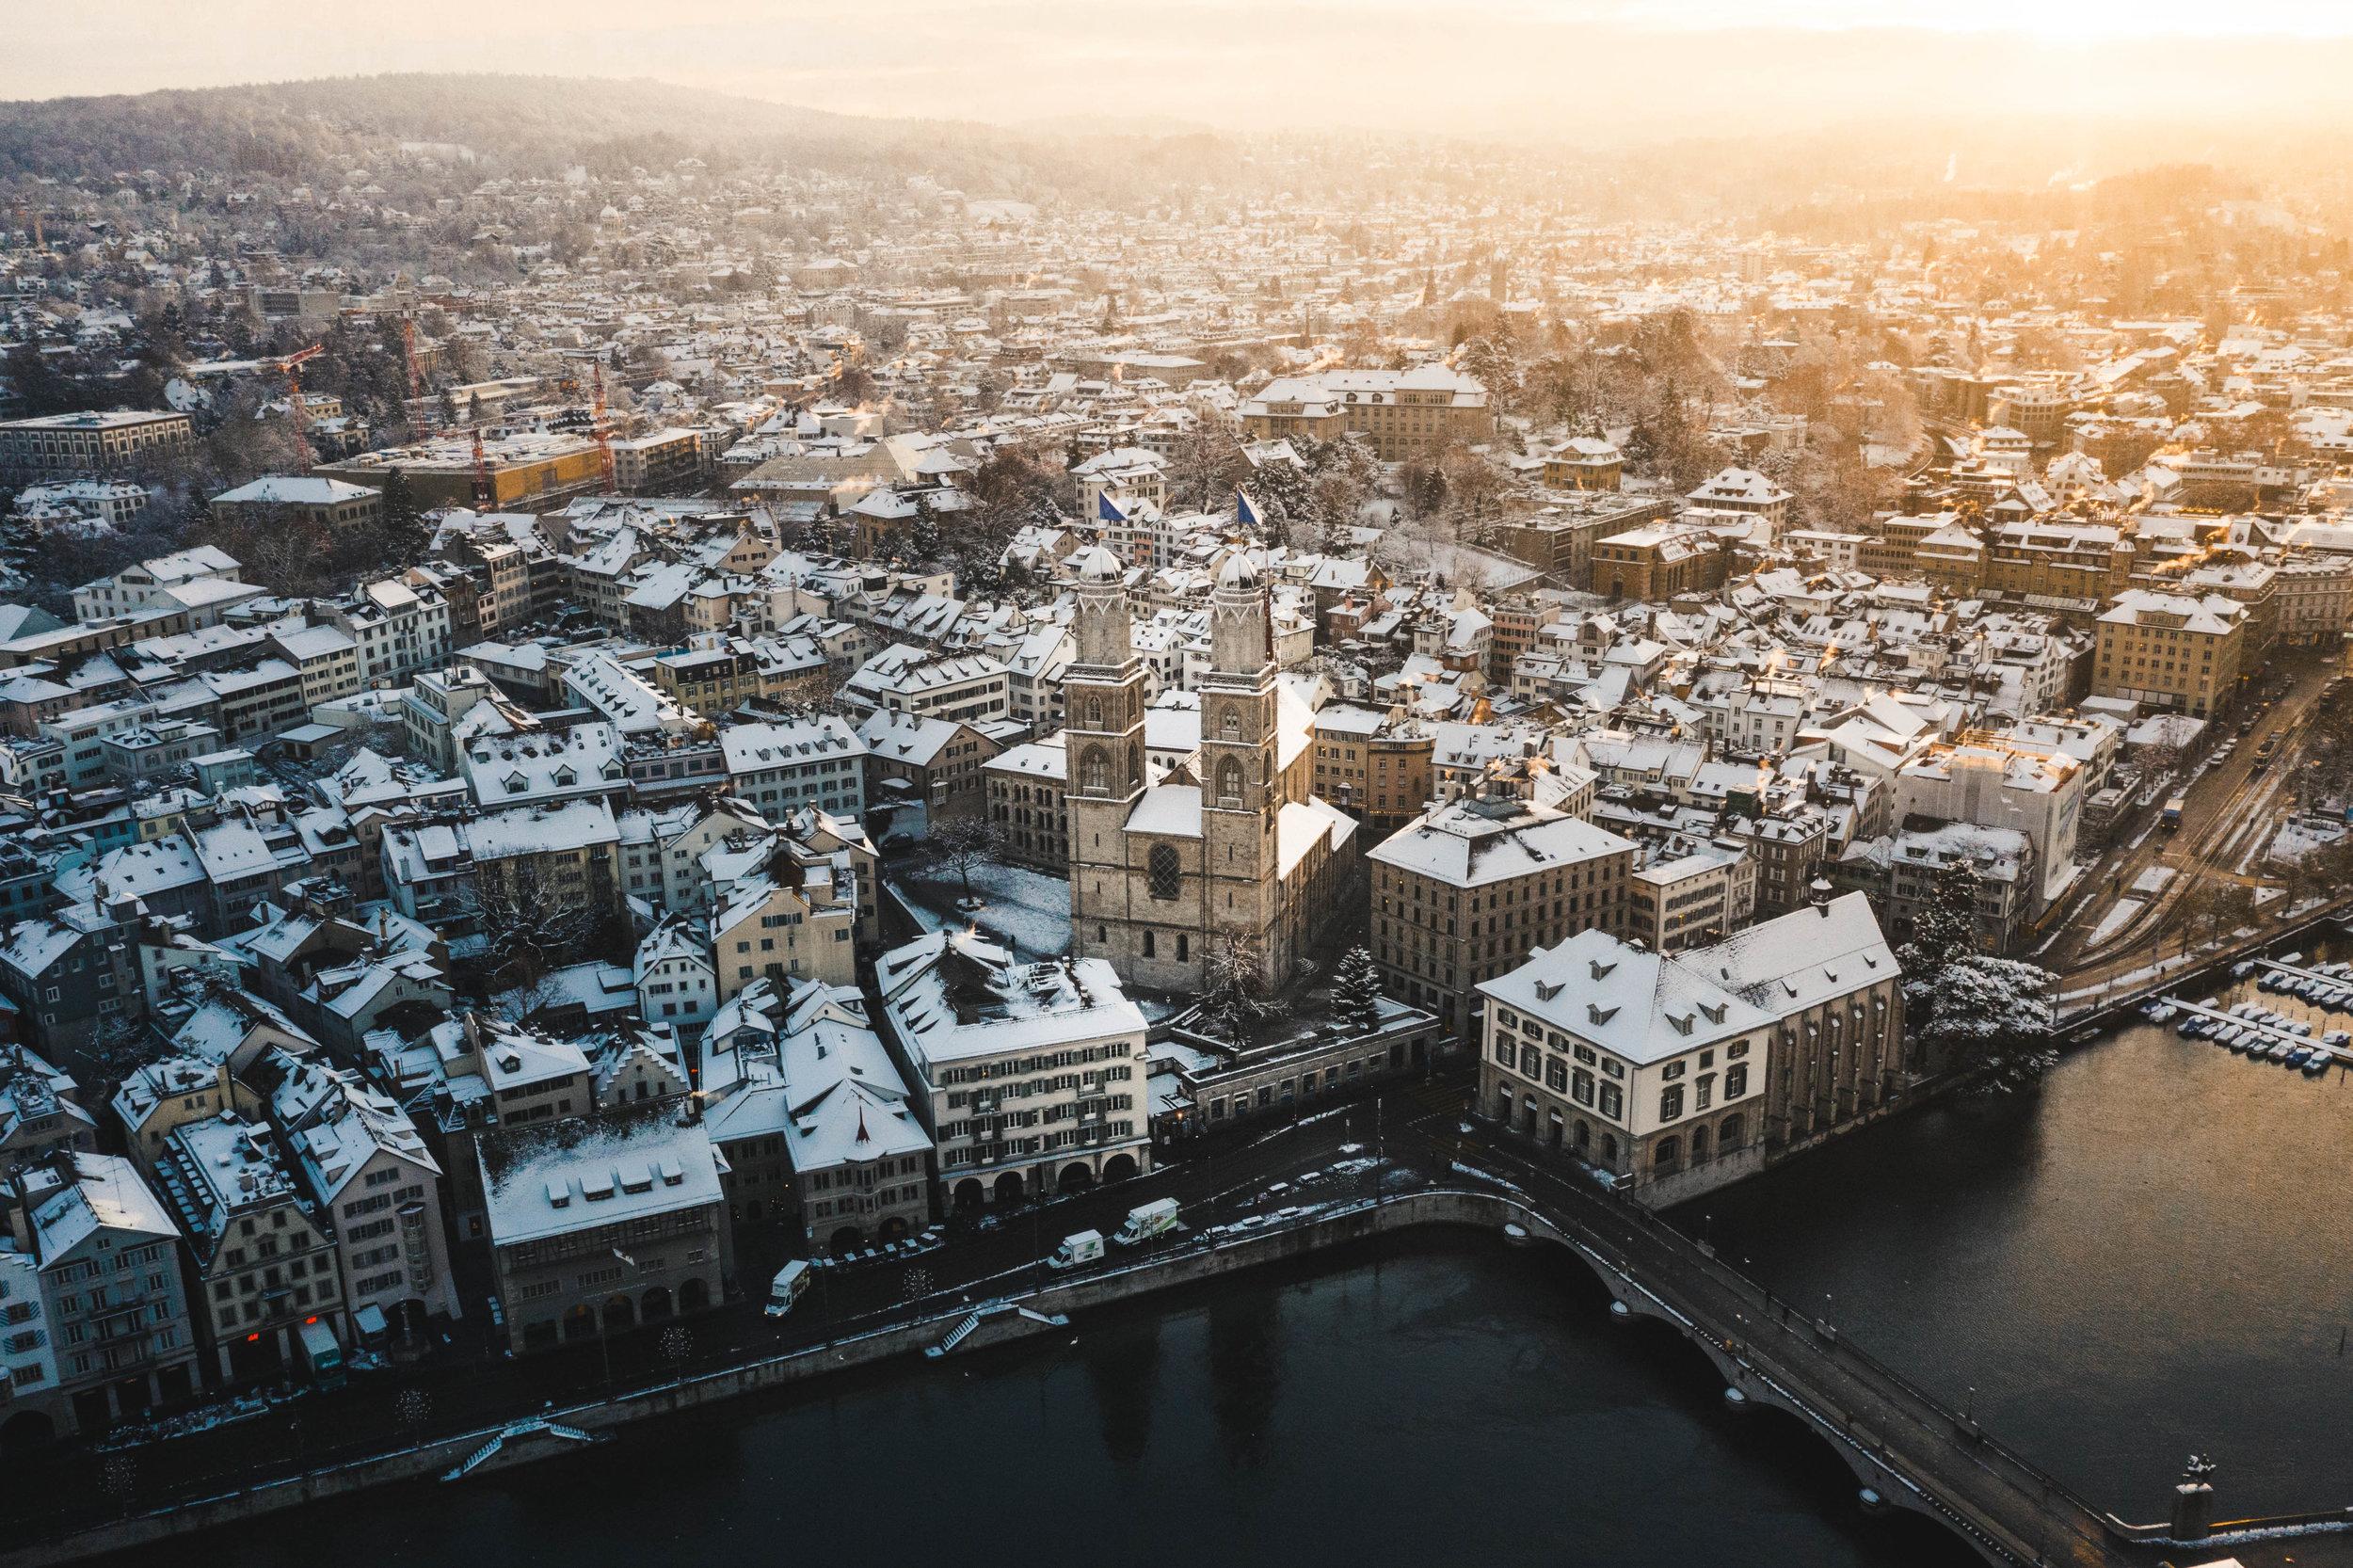 Aerial view of Zurich Switzerland.jpg